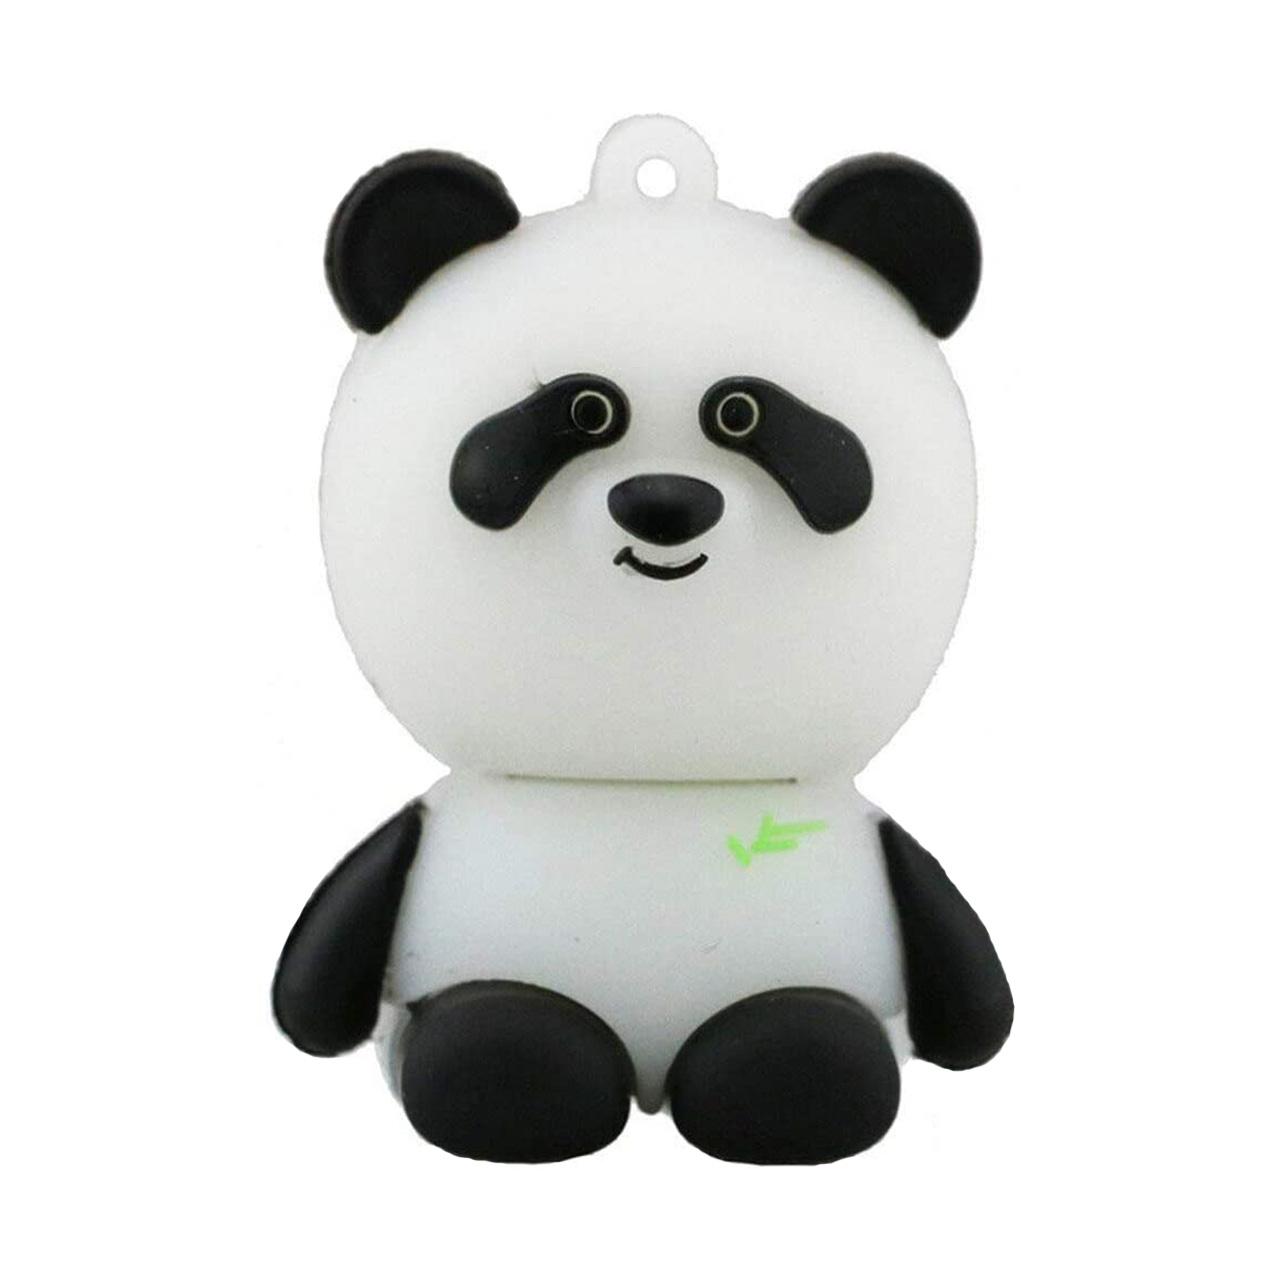 بررسی و {خرید با تخفیف}                                     فلش مموری طرح پاندا 02 مدل Ul-Panda-02 ظرفیت 64 گیگابایت                             اصل